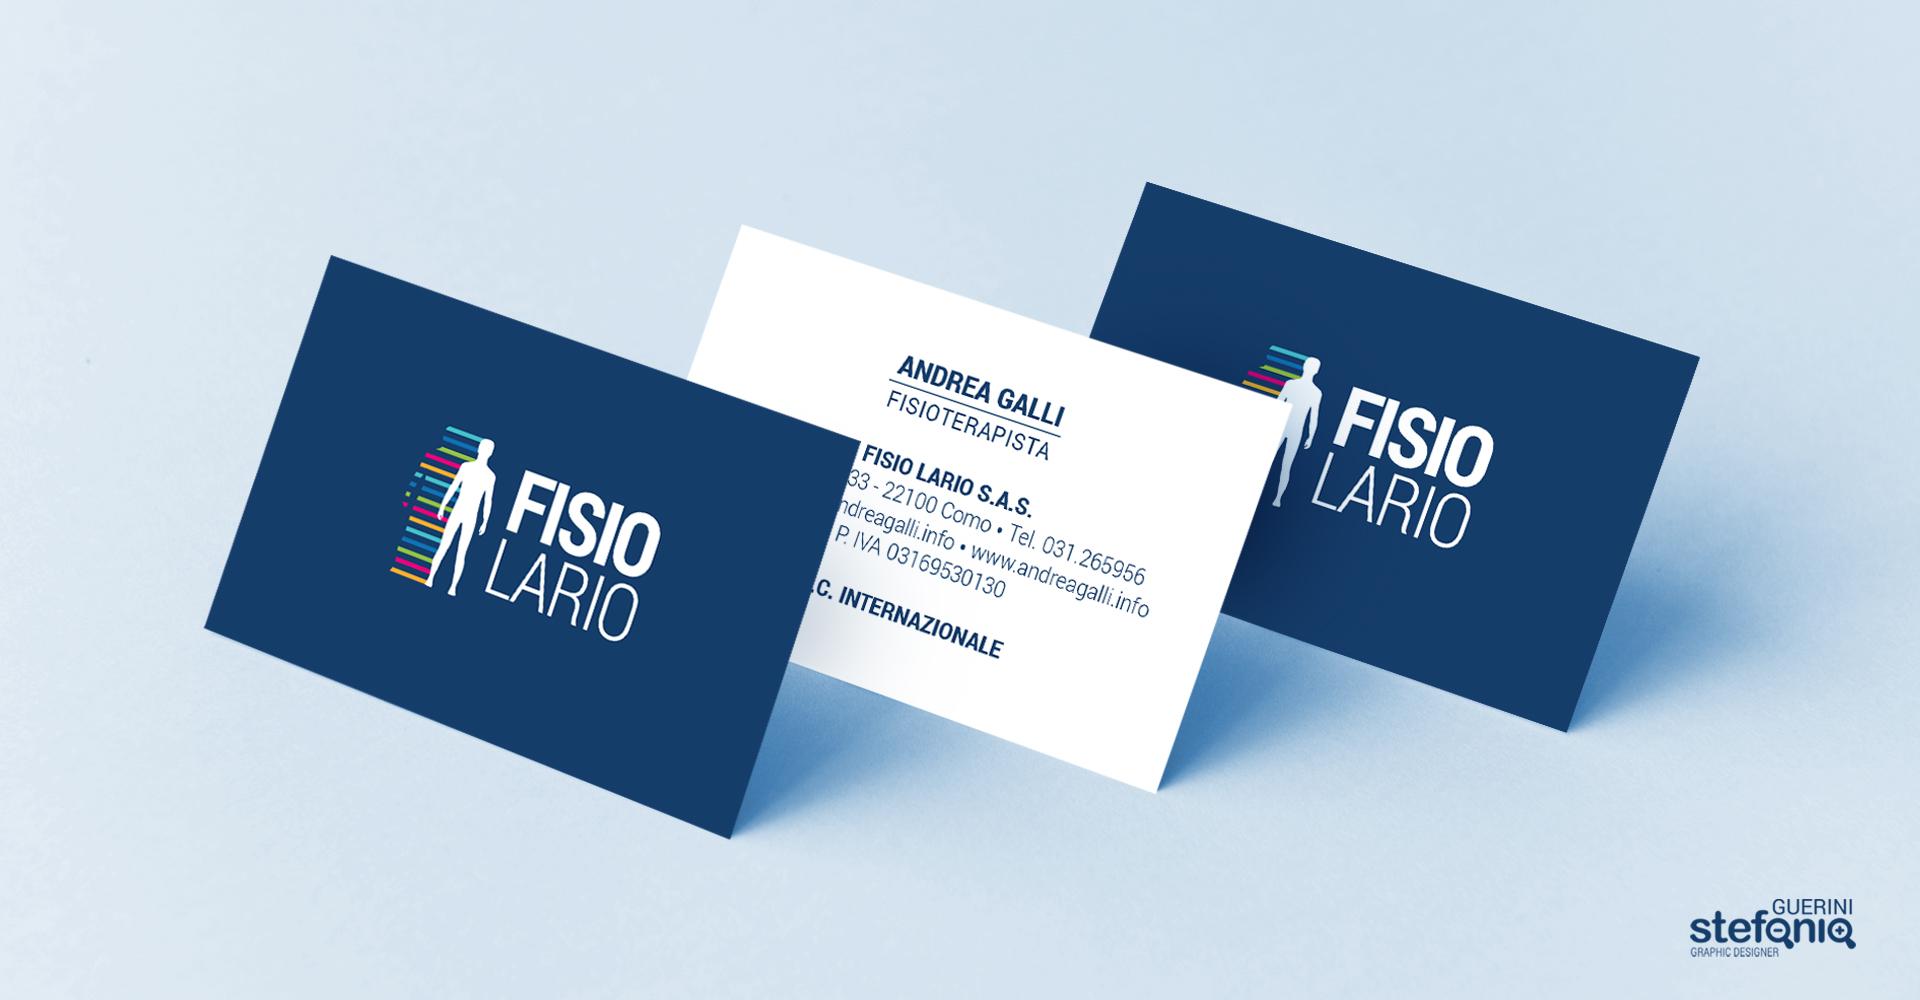 FISIOLARIO_BIGLIETTINI stefania guerini graphic designer grafico progettazione volantini bigliettini da visita 6x3 stand cantu como